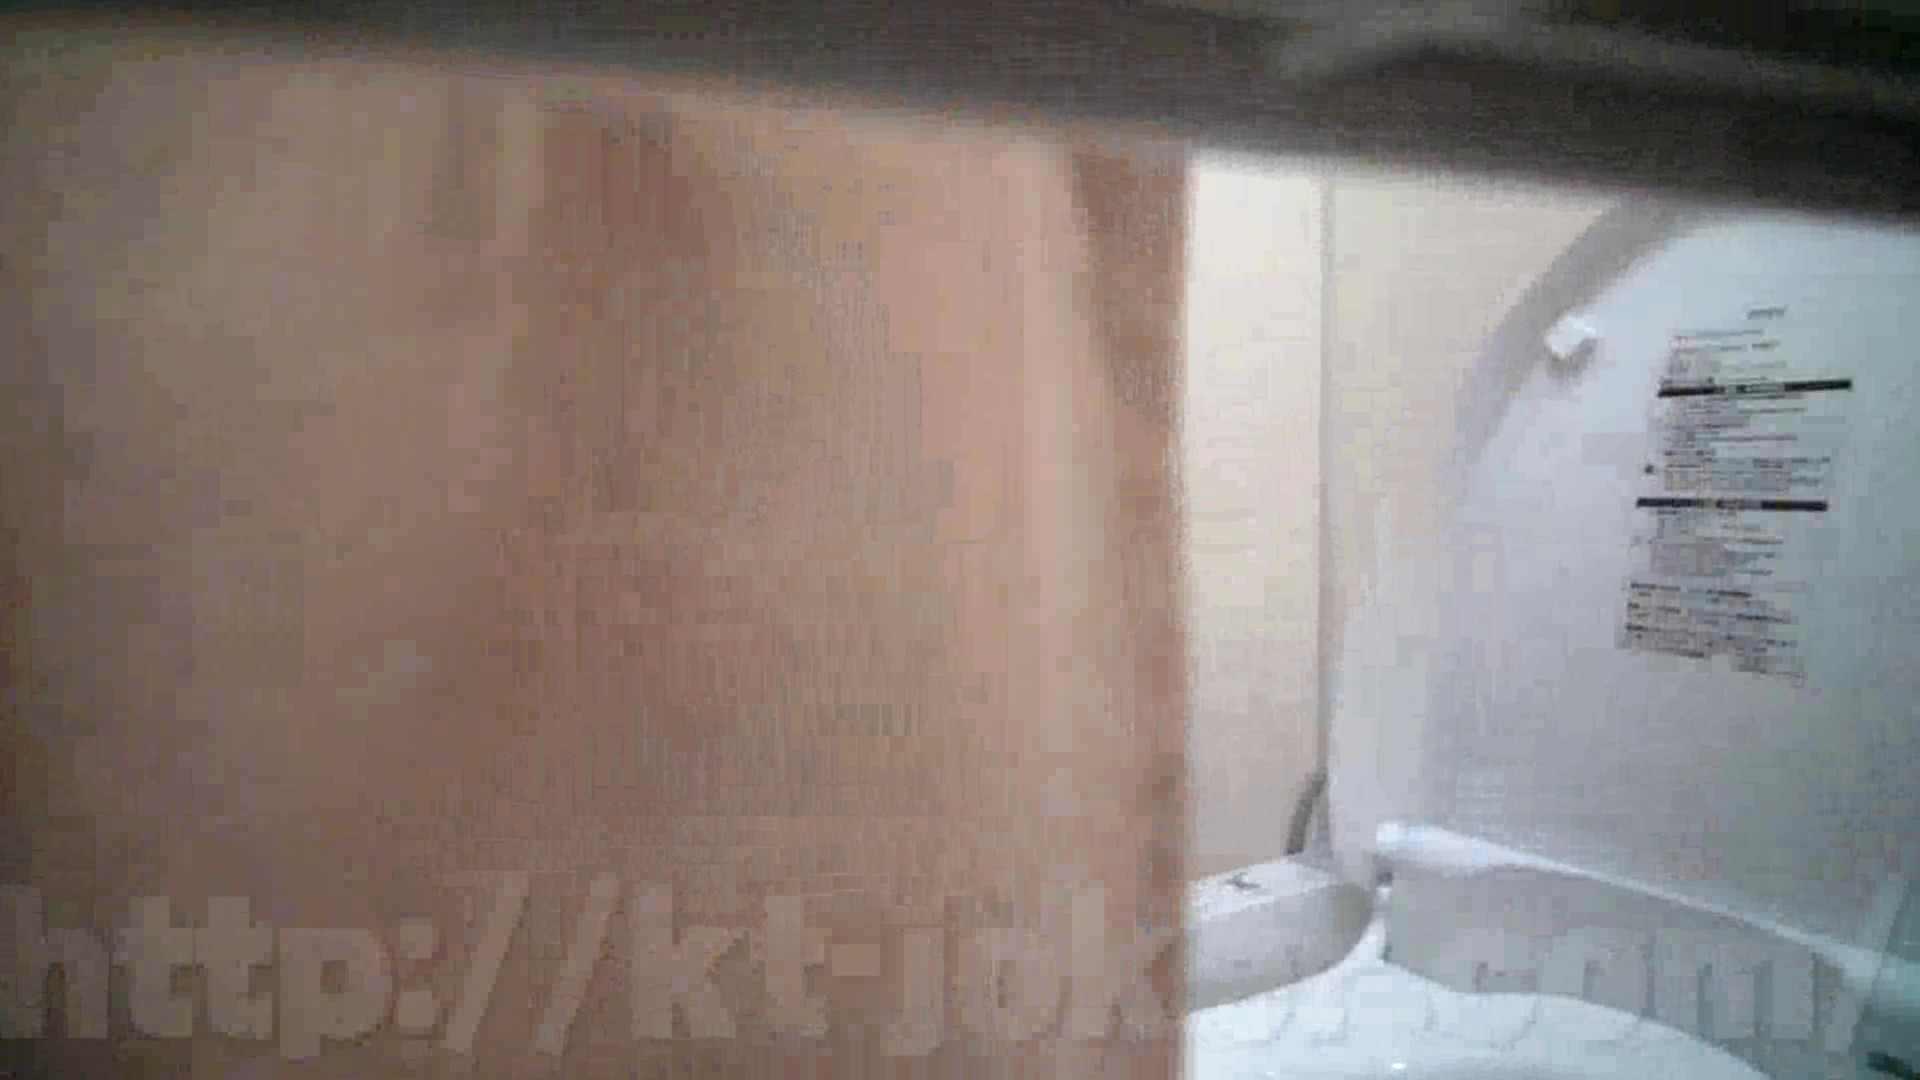 某有名大学女性洗面所 vol.29 綺麗なOLたち ワレメ無修正動画無料 96枚 57